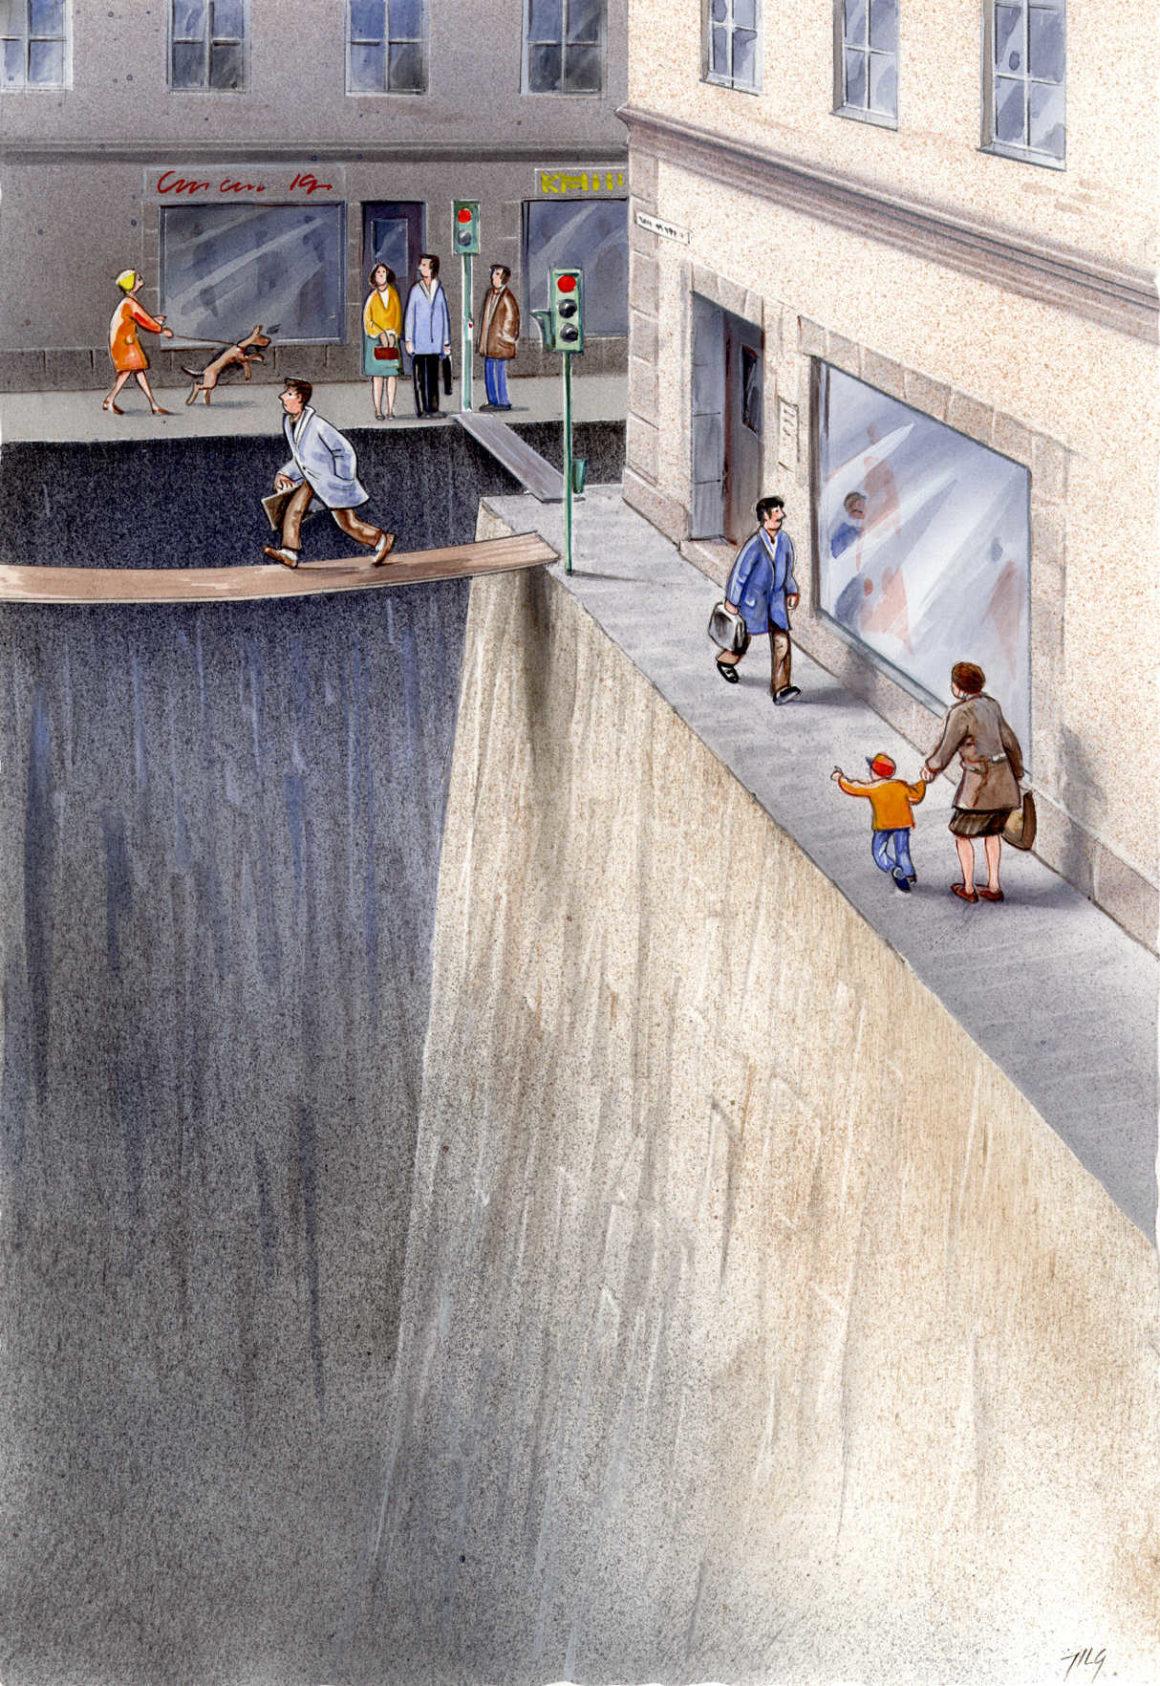 Grafik (c) Karl Jilg - verbleibender Lebensraum der Menschen neben PKW-abgründen